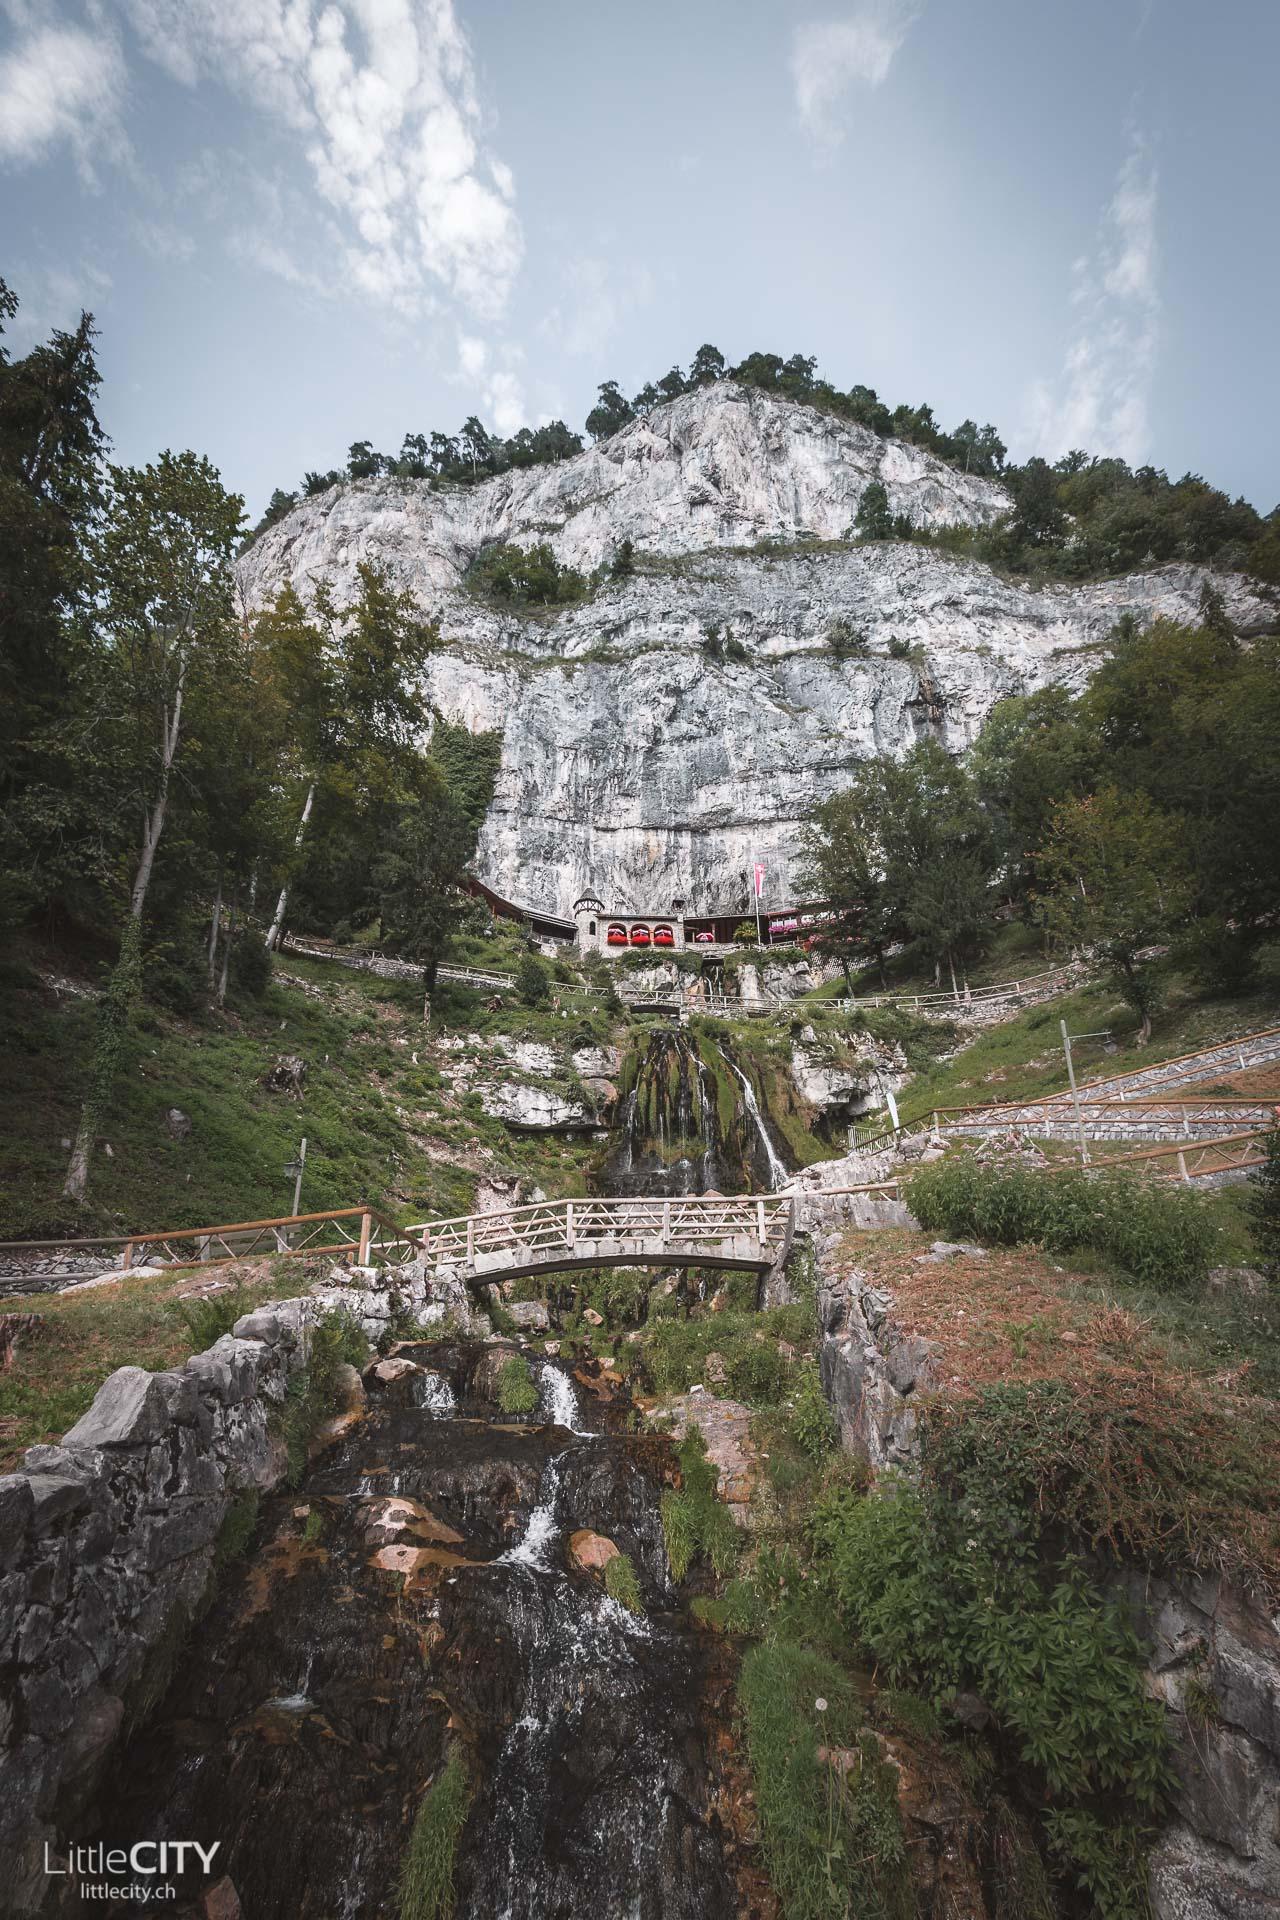 St. Beatus-Höhlen am Thunersee Ausflugsziel